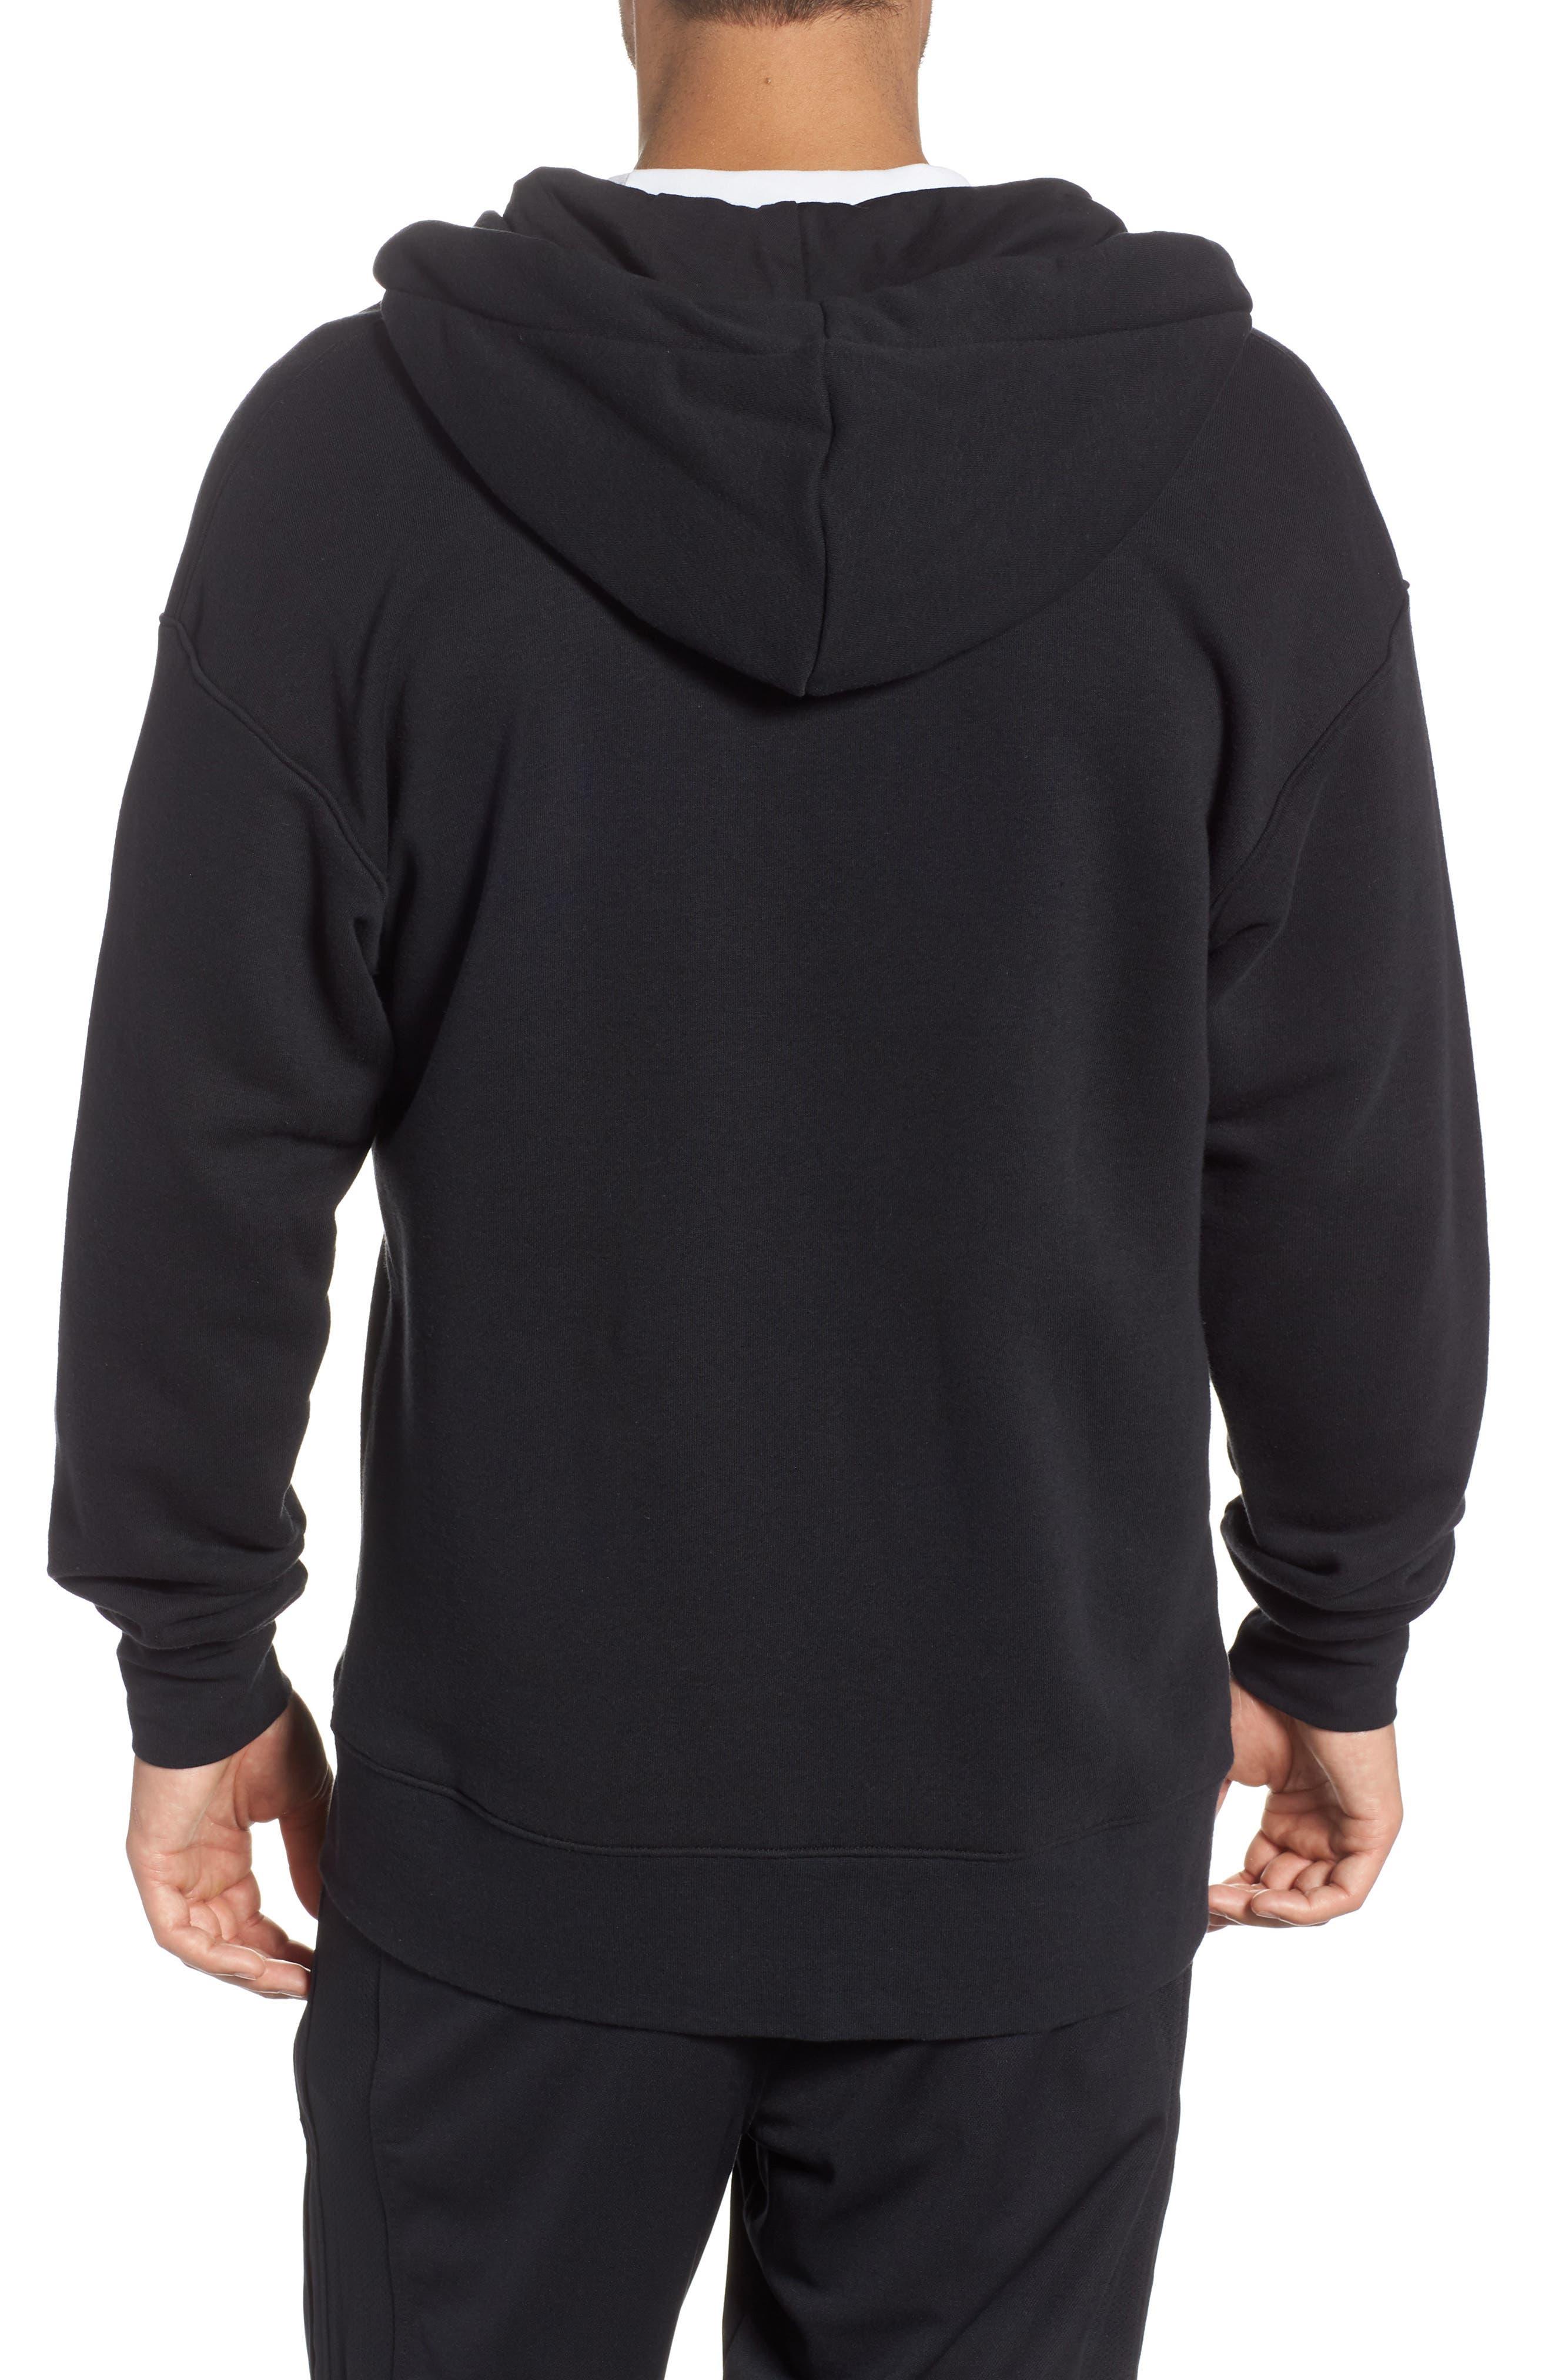 NIKE, Sportswear Heritage Zip Hoodie, Alternate thumbnail 2, color, BLACK/ SAIL